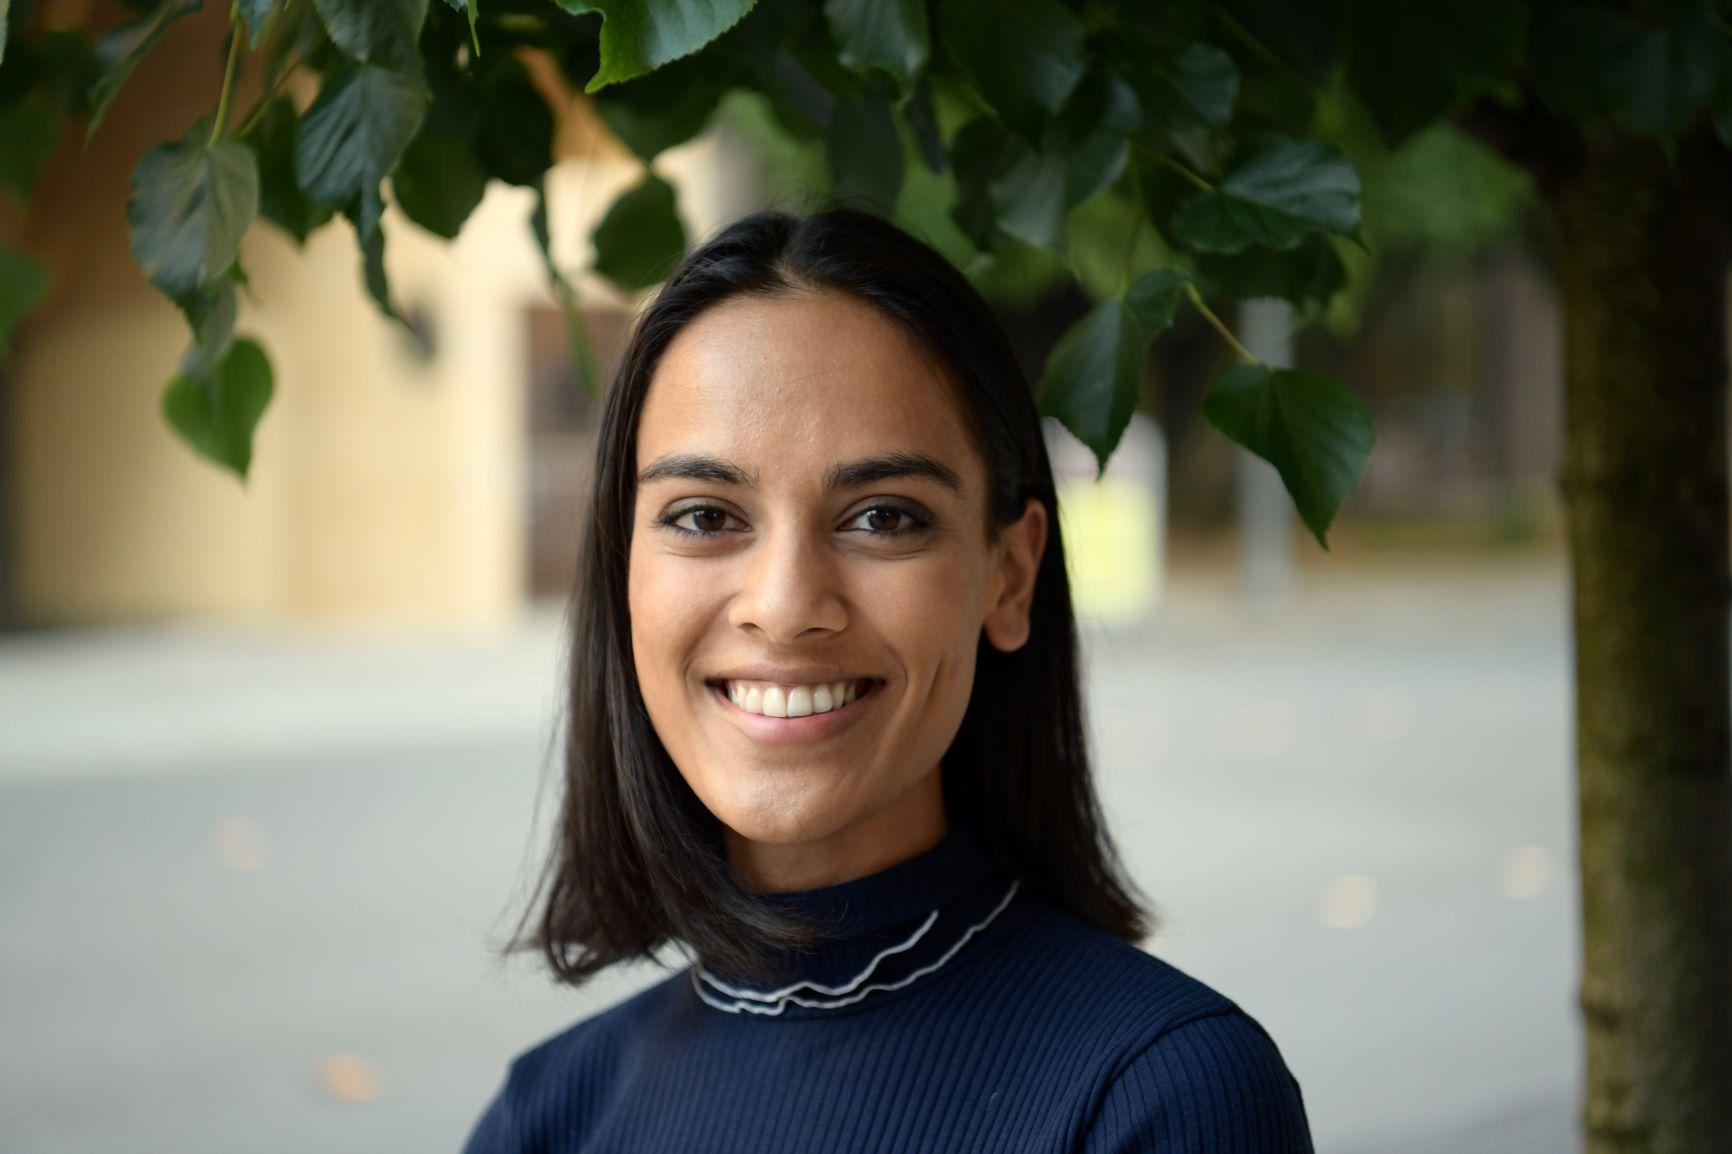 Anika Patel